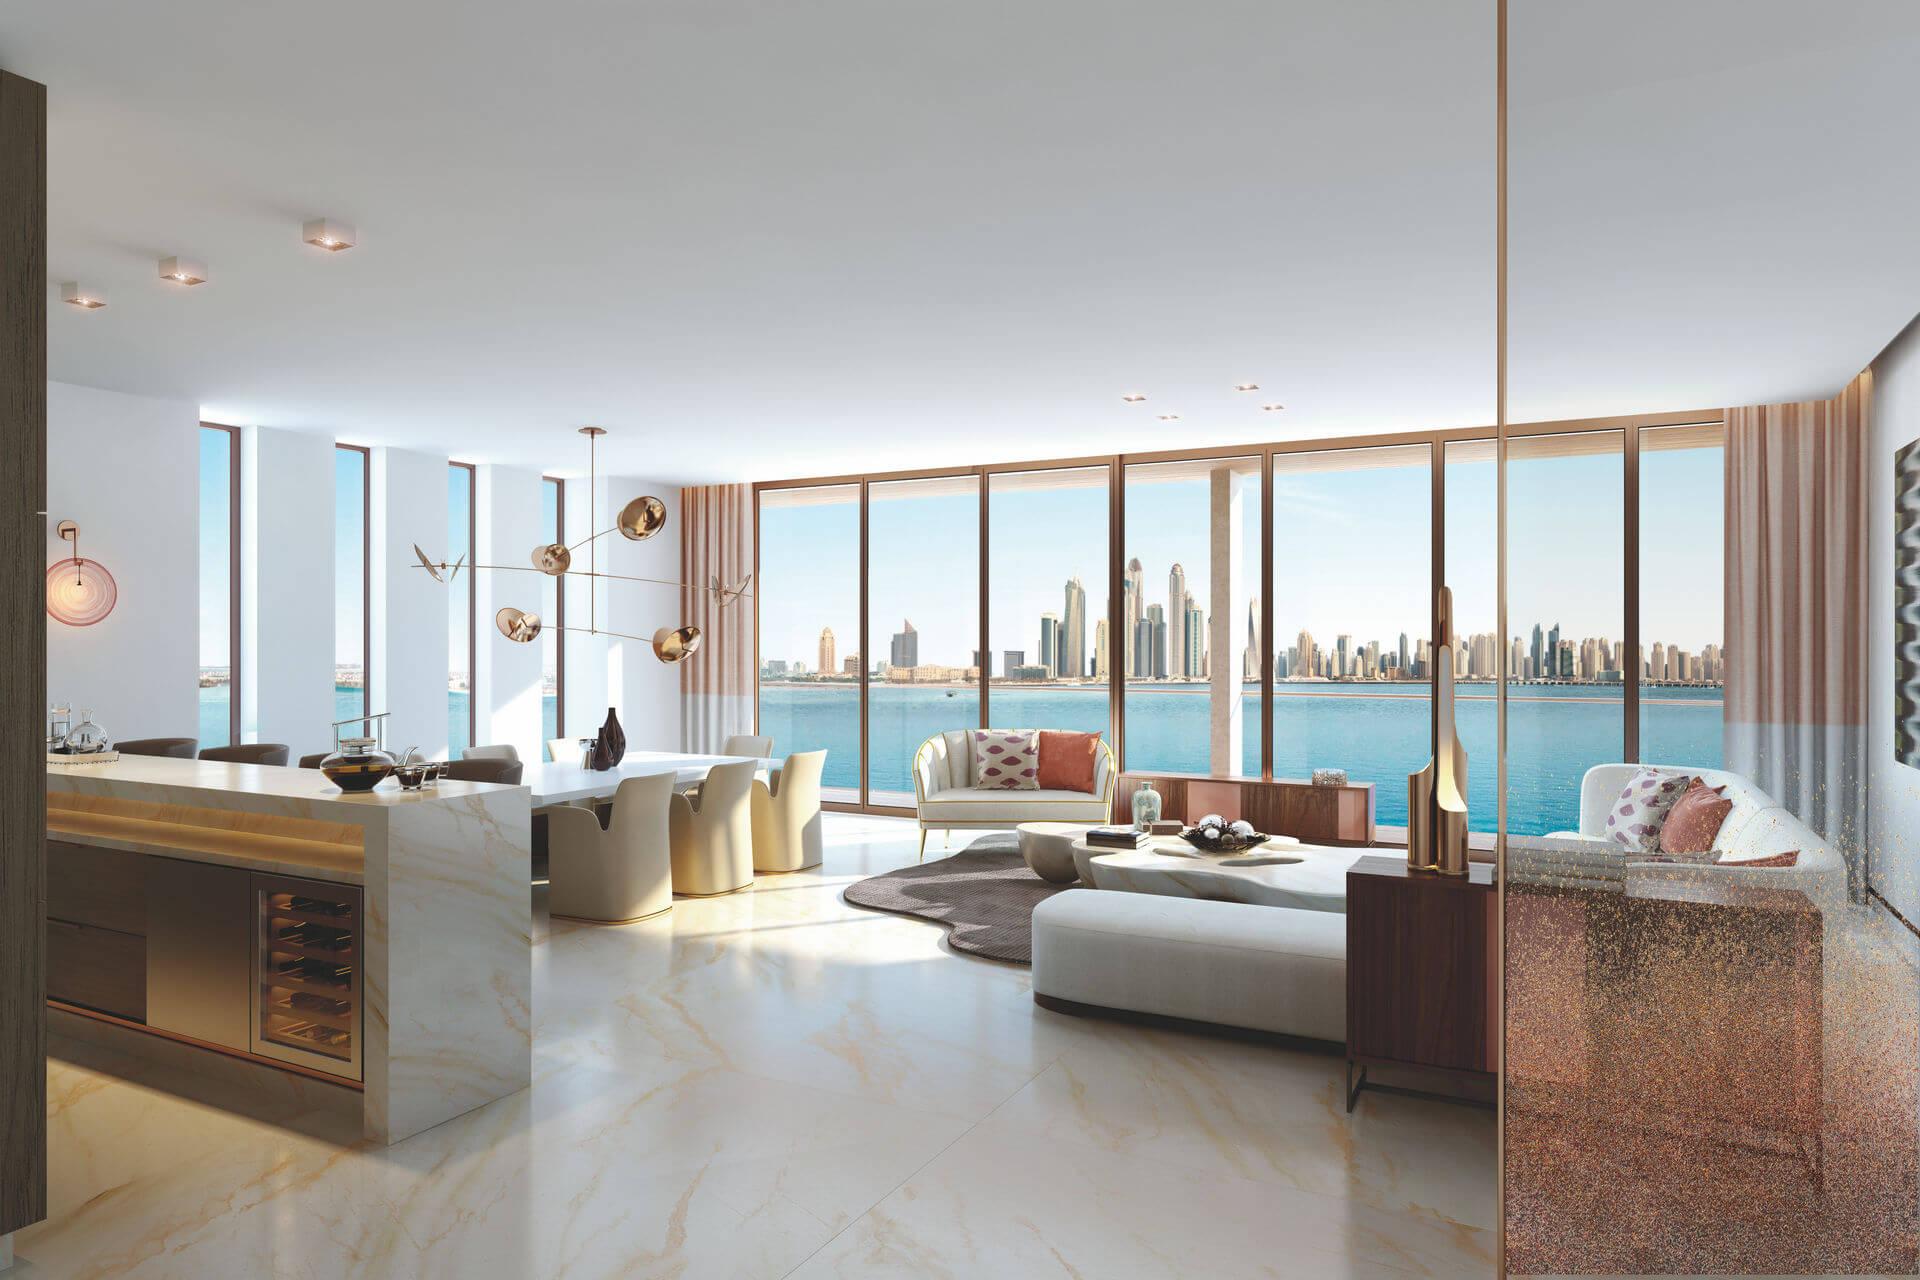 Ático en venta en Dubai, EAU, 5 dormitorios, 1531 m2, № 23843 – foto 2